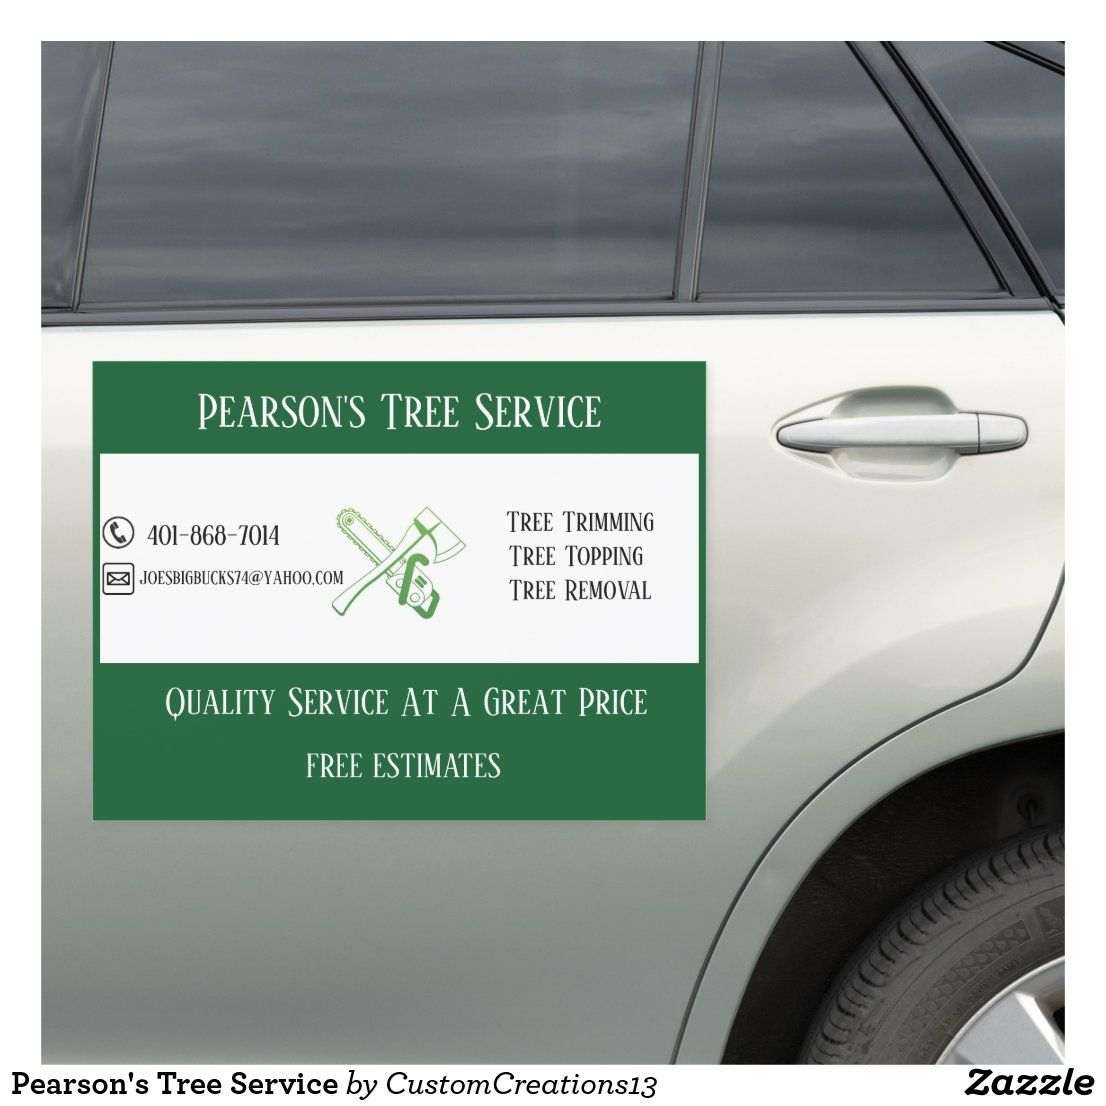 Pearson's Tree Service Car in 2020